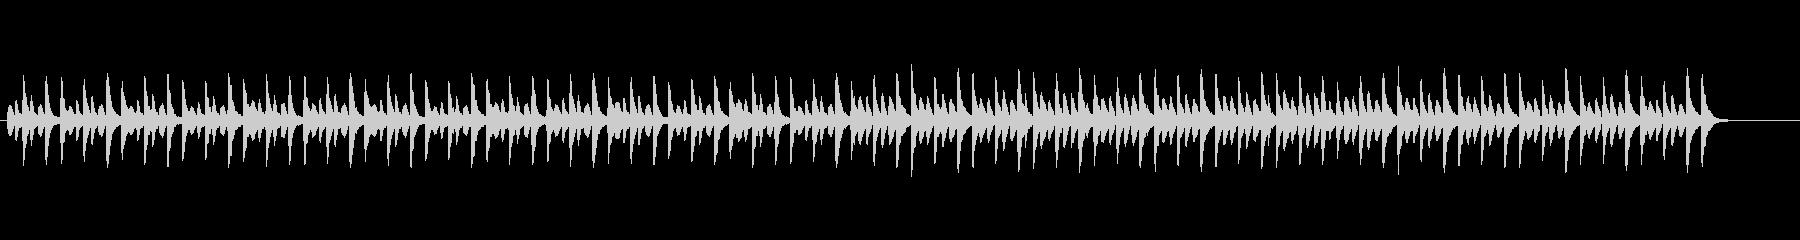 ほのぼの・のどかなマリンバ(木琴)の未再生の波形